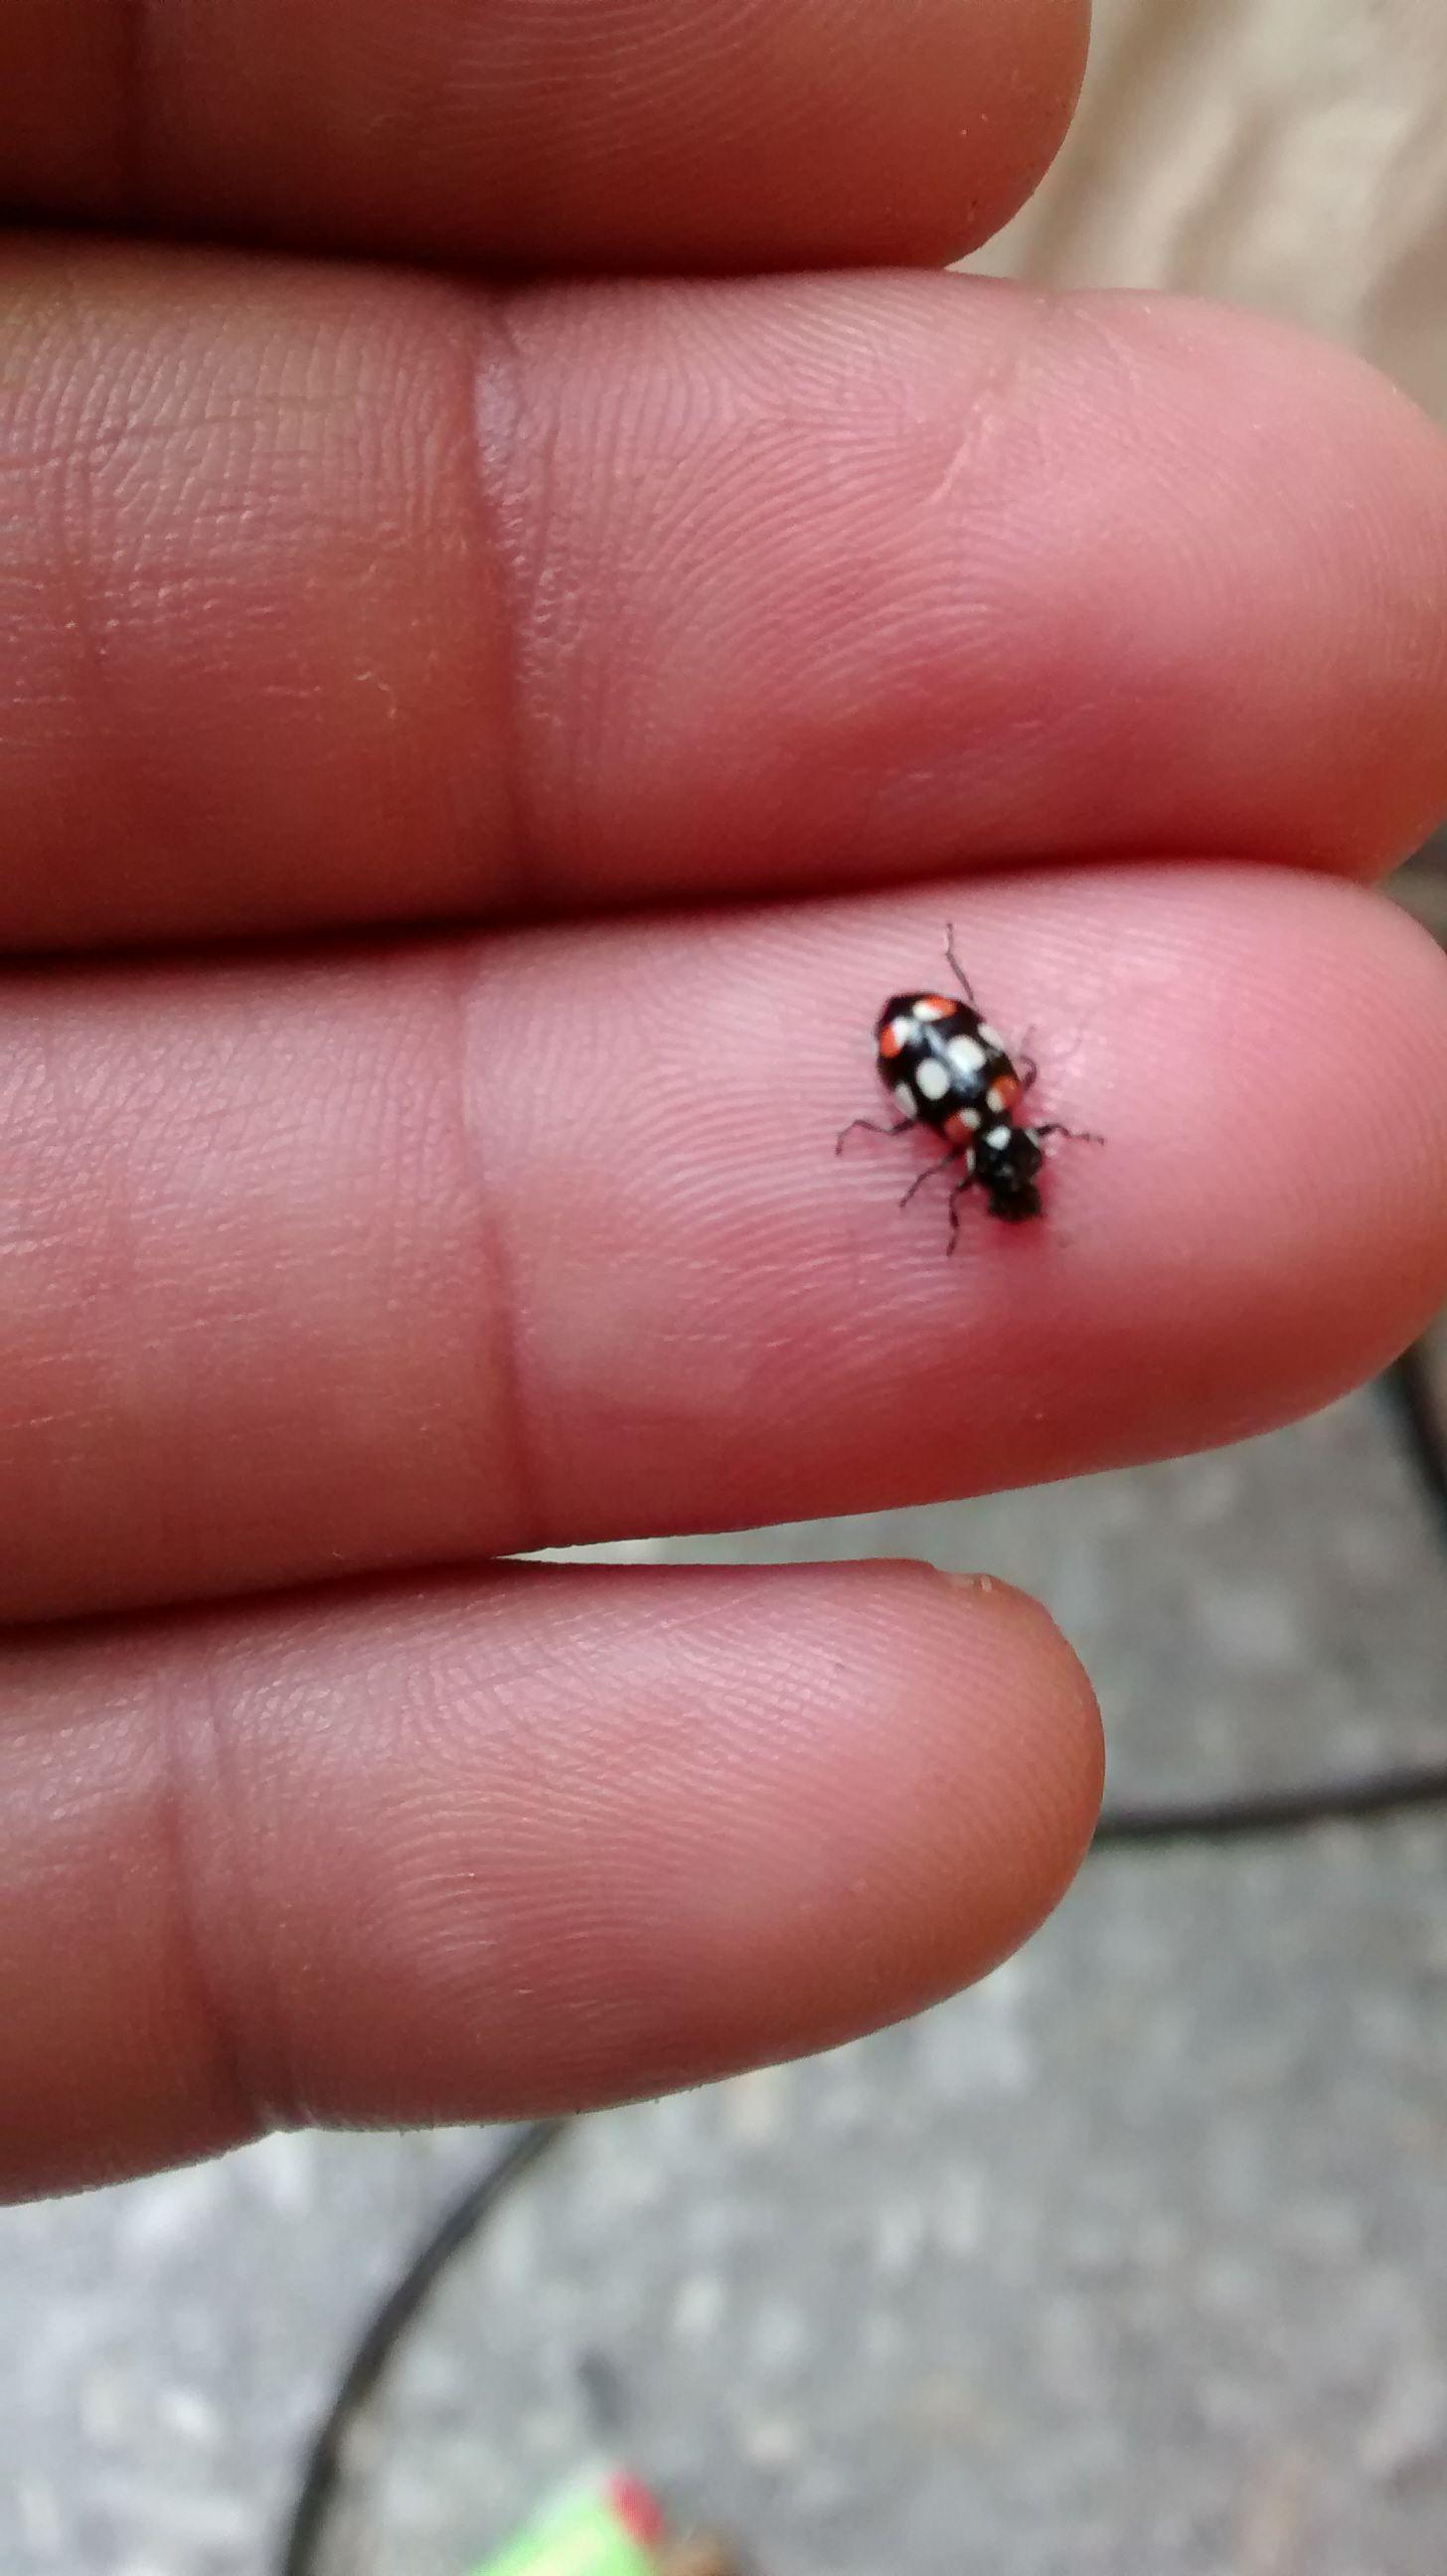 BA 228 - Ladybug